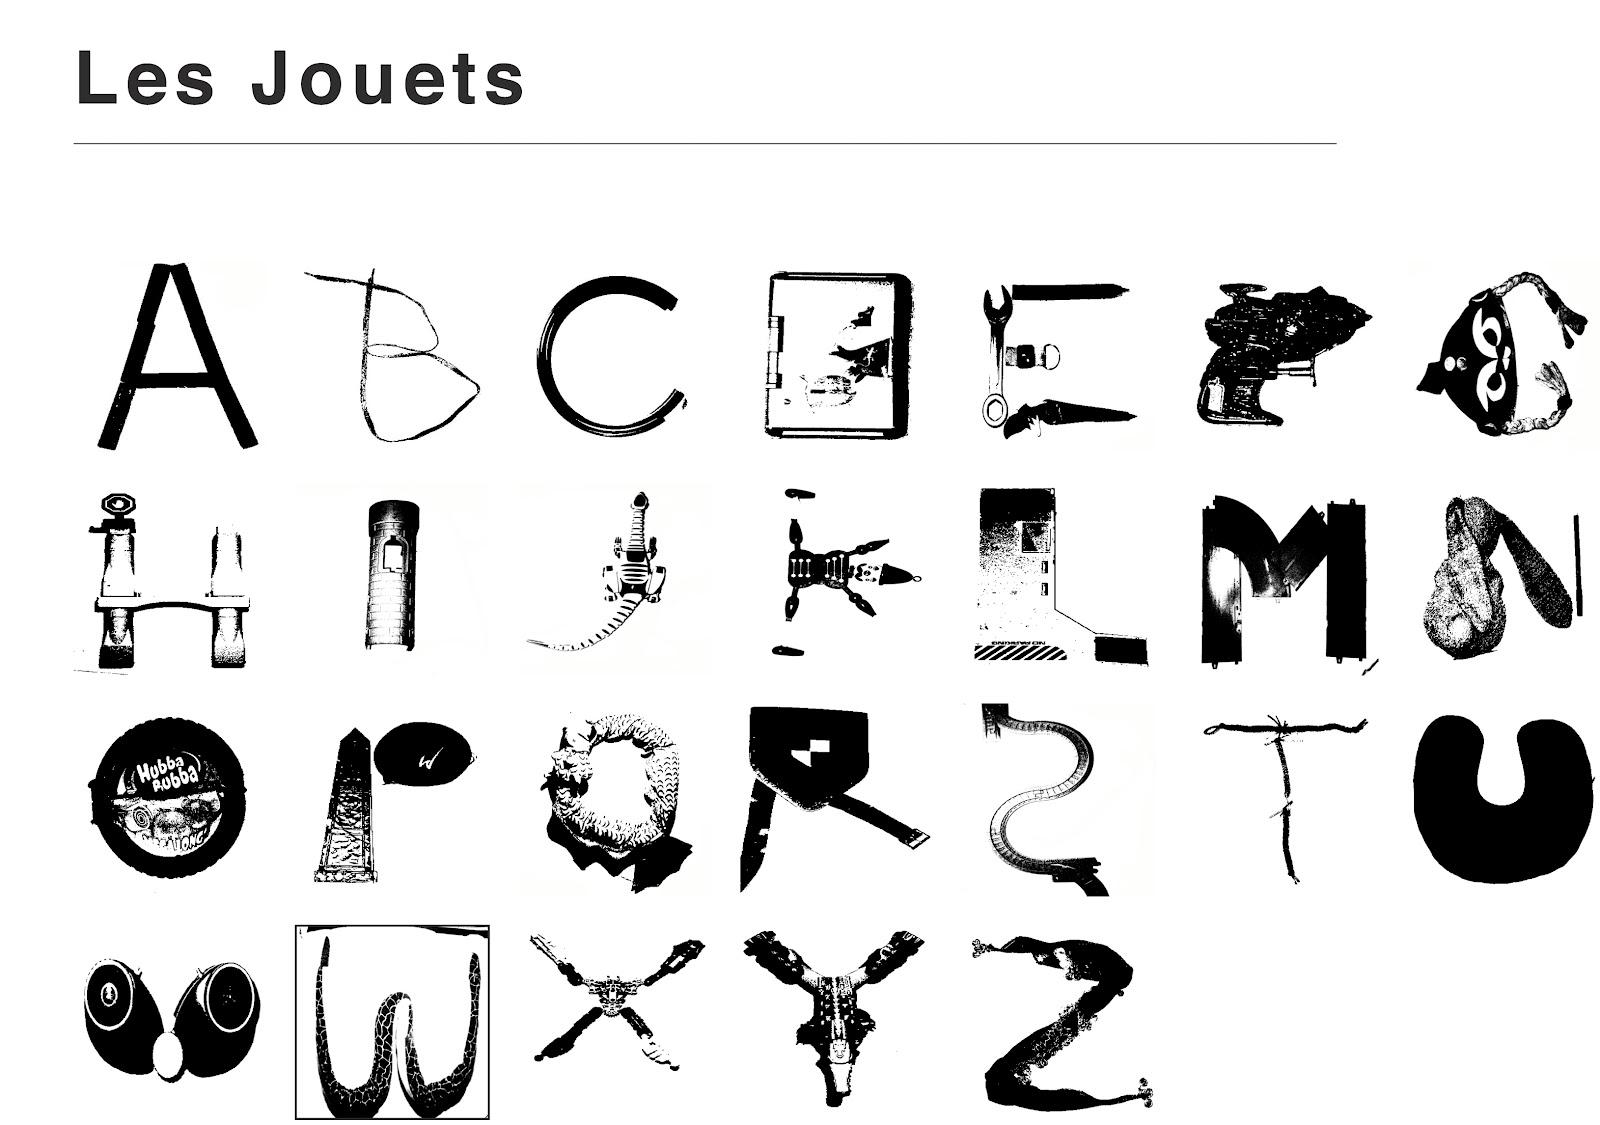 Les arts appliqu s albert de mun seconde gt aa l 39 alphabet et la typographie cr er des - Pot en 3 lettres ...